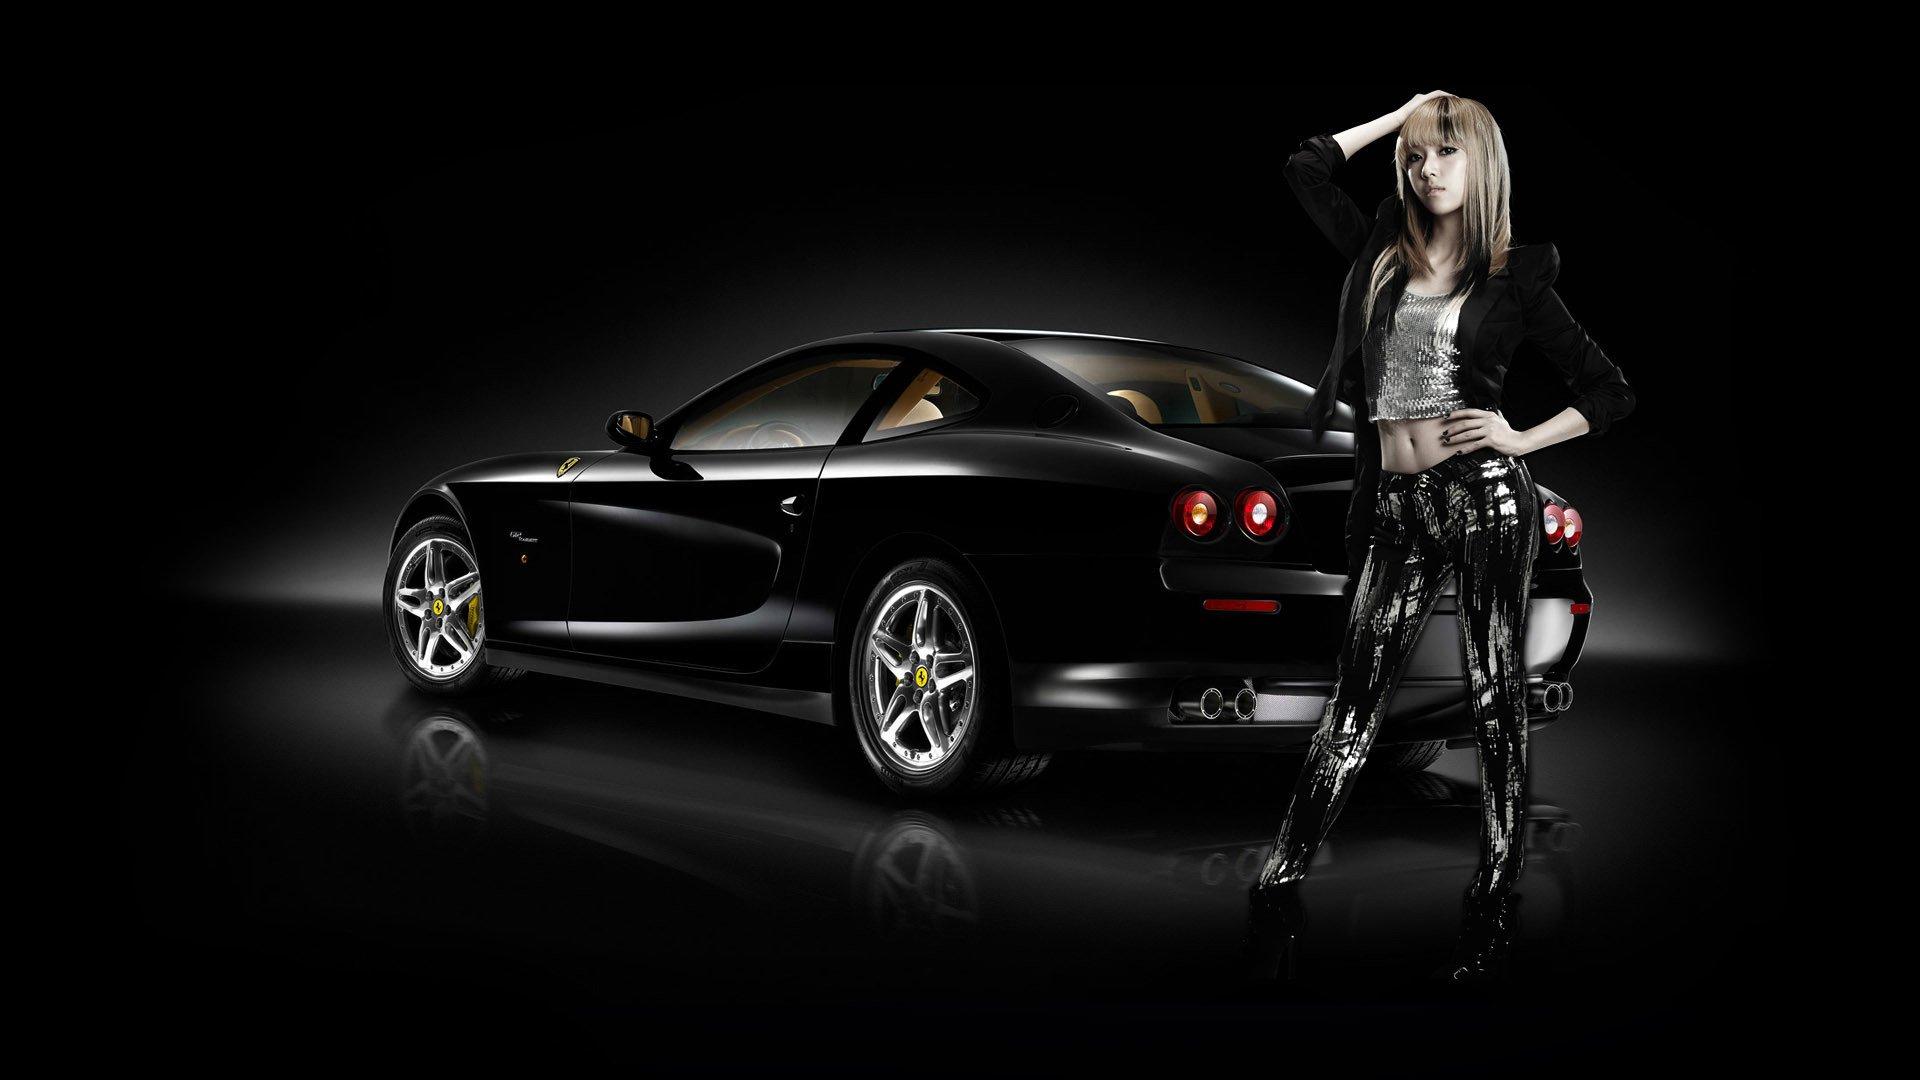 3 Girls Wallpaper Women And Machines Ferrari Car Asian Girls Wallpaper